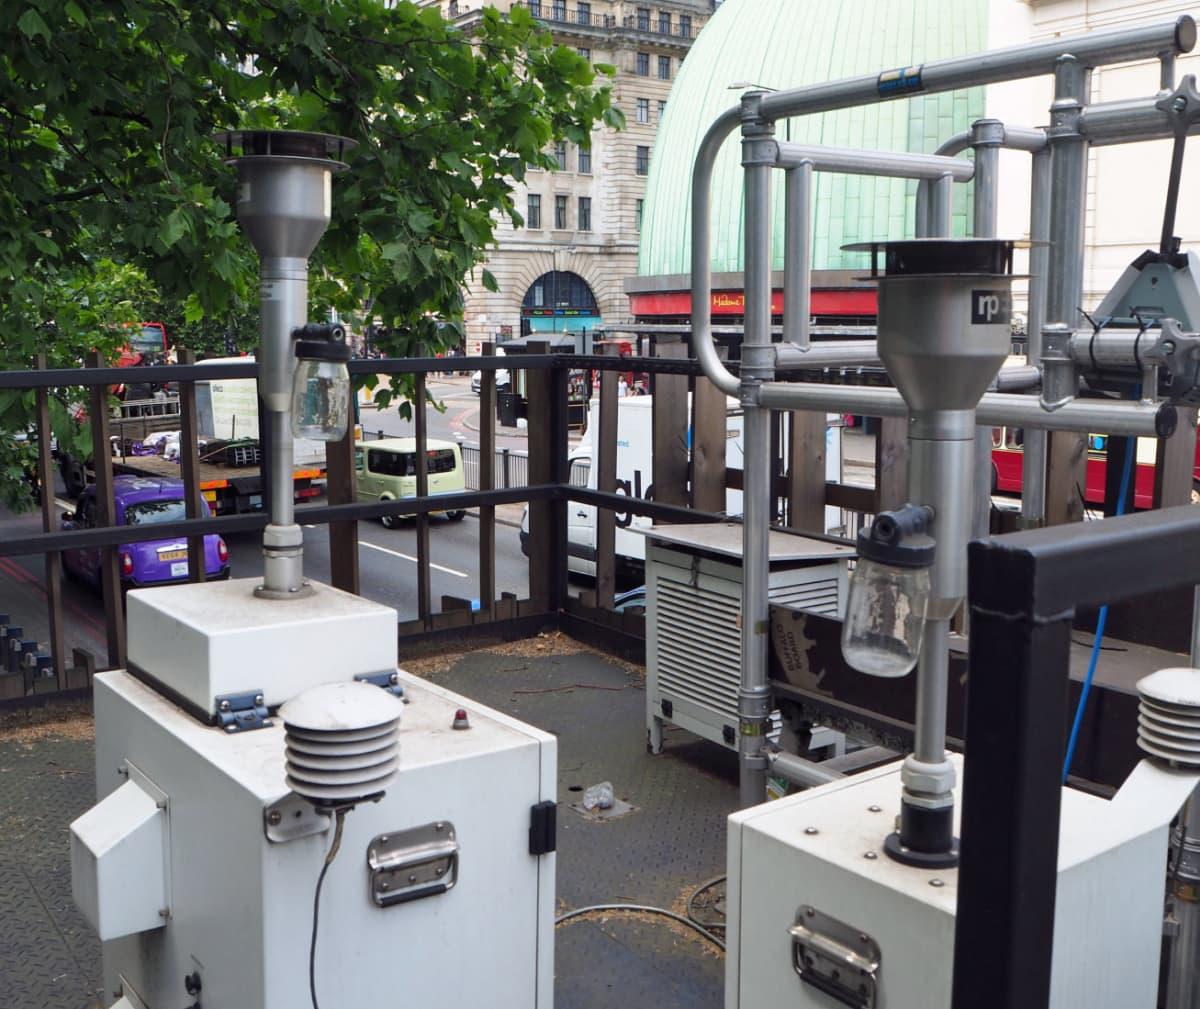 Laatikkomaisia laitteita, joissa on piiput. Taustalla Lontoon katuliikennettä.